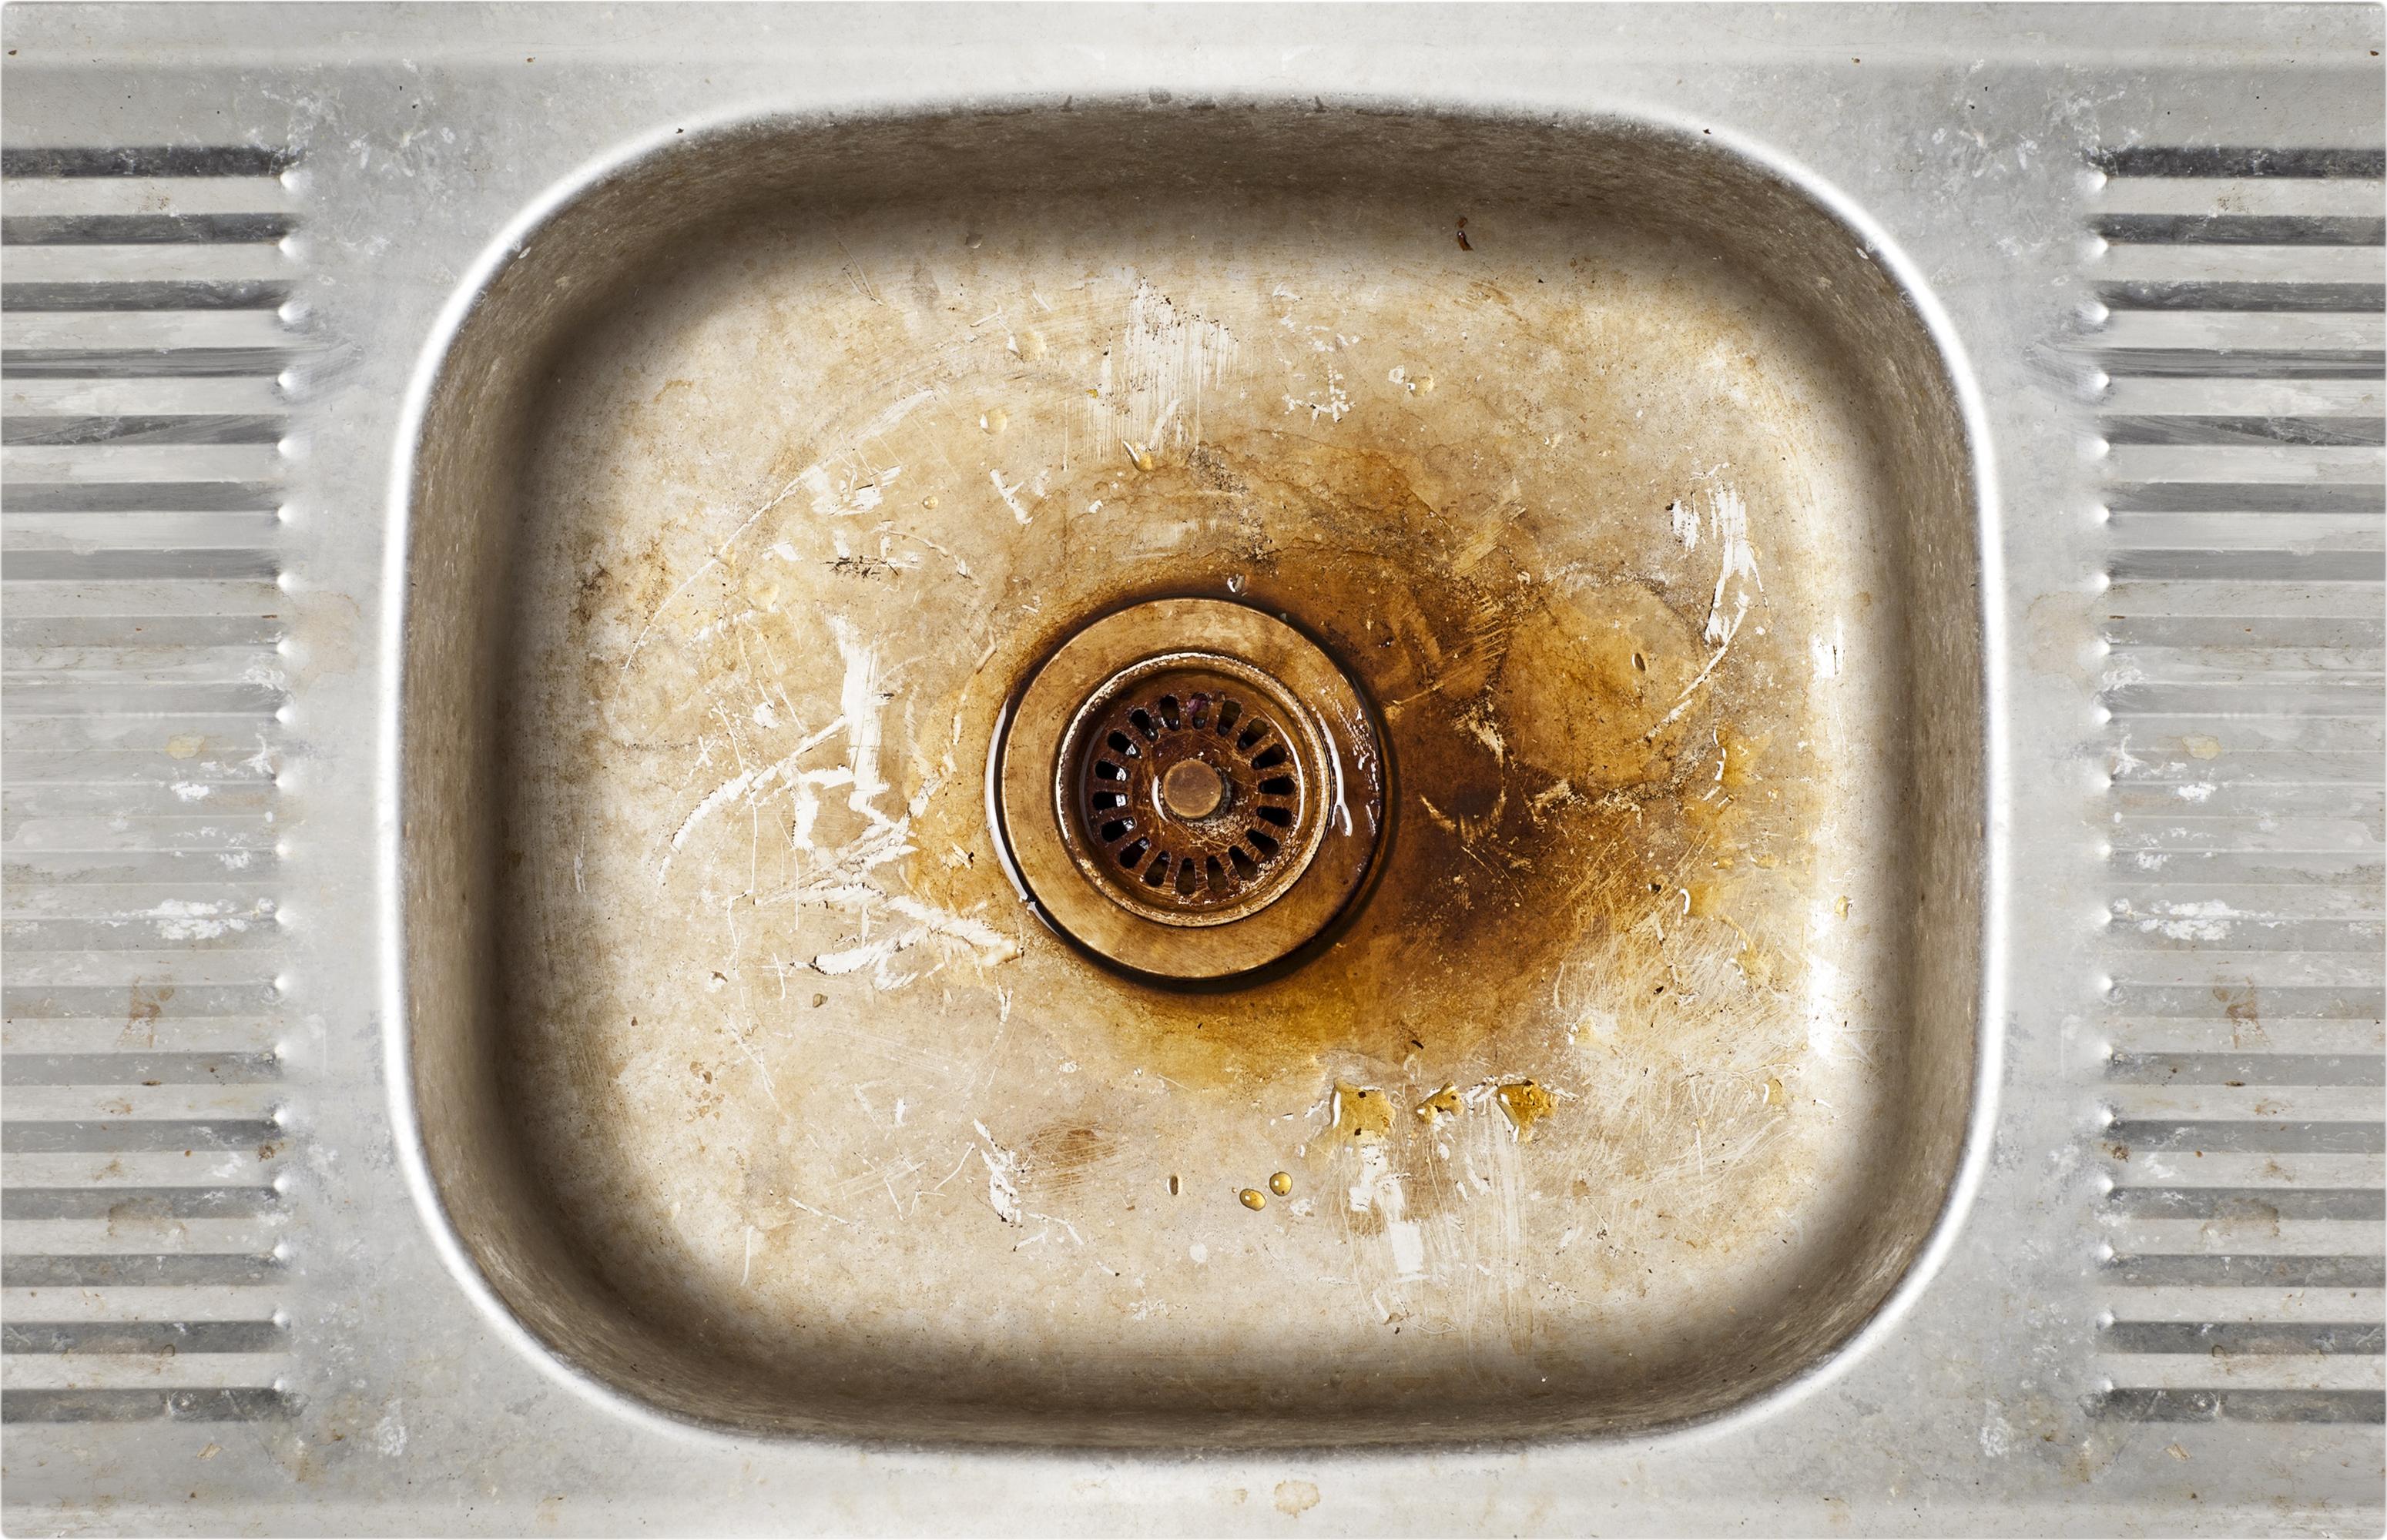 Мивката ви е мръсна или с петна. Идея: Почиствайте всяка седмица поне по един път мивката в кухнята и банята с препарат. Така ще я запазите без петна.